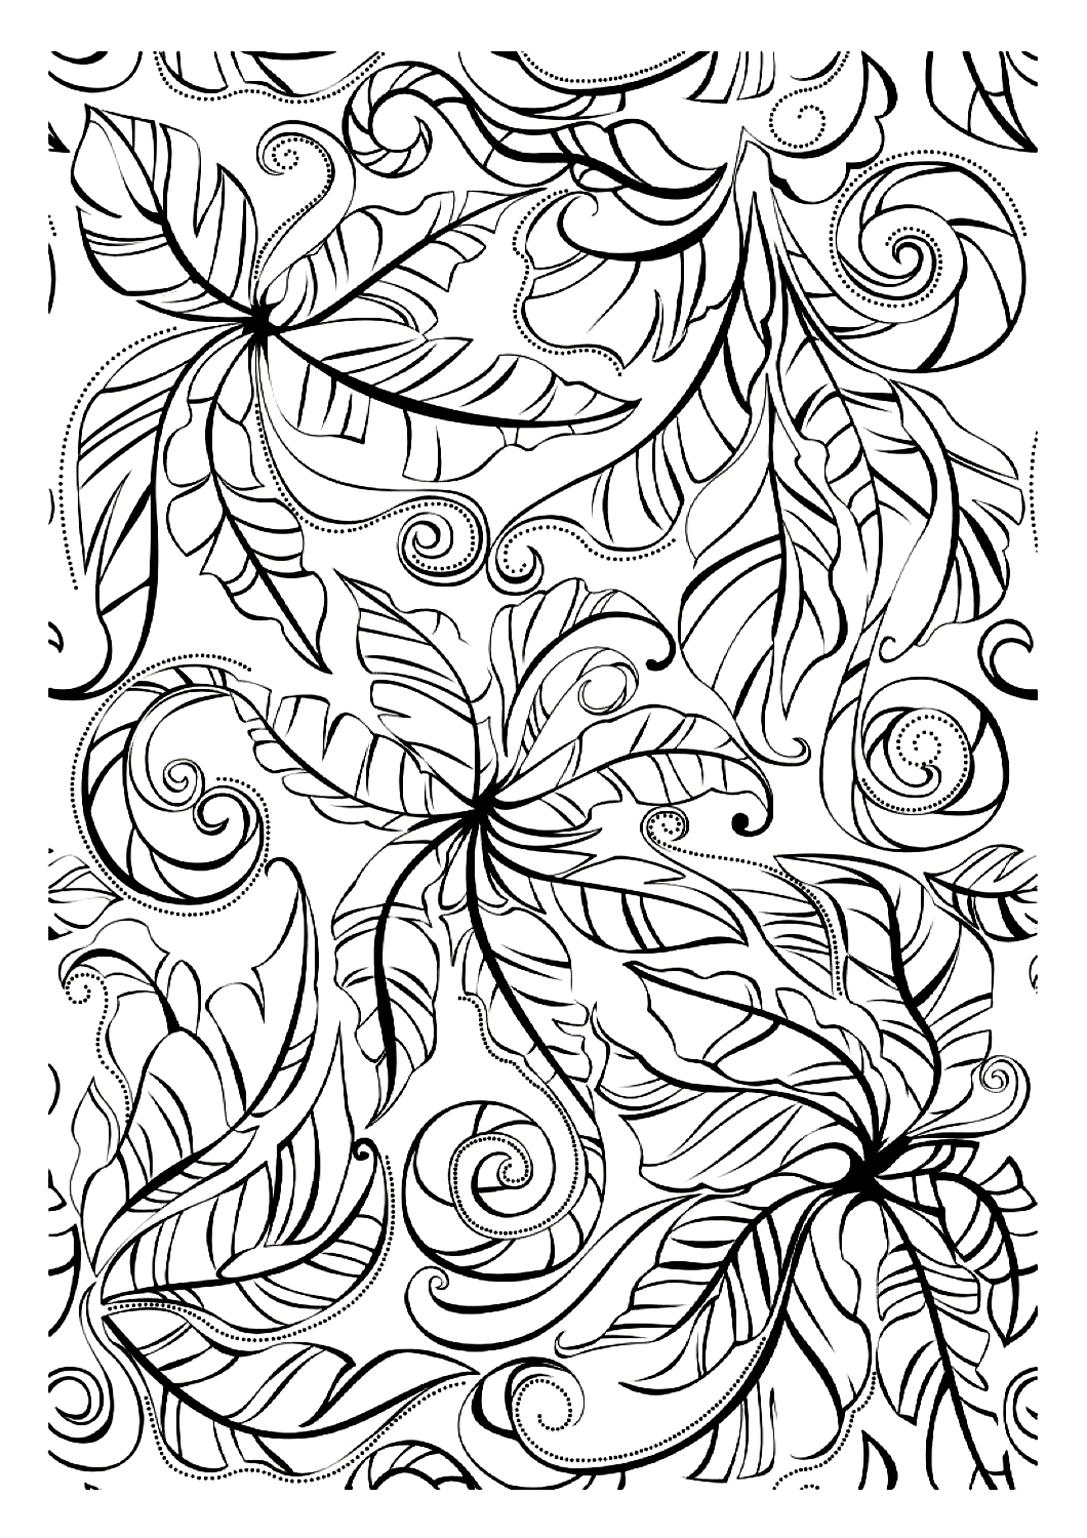 Feuilles ou Papillons ? Un dessin troublant, à vous de le colorier pour choisir ce qu'il représente